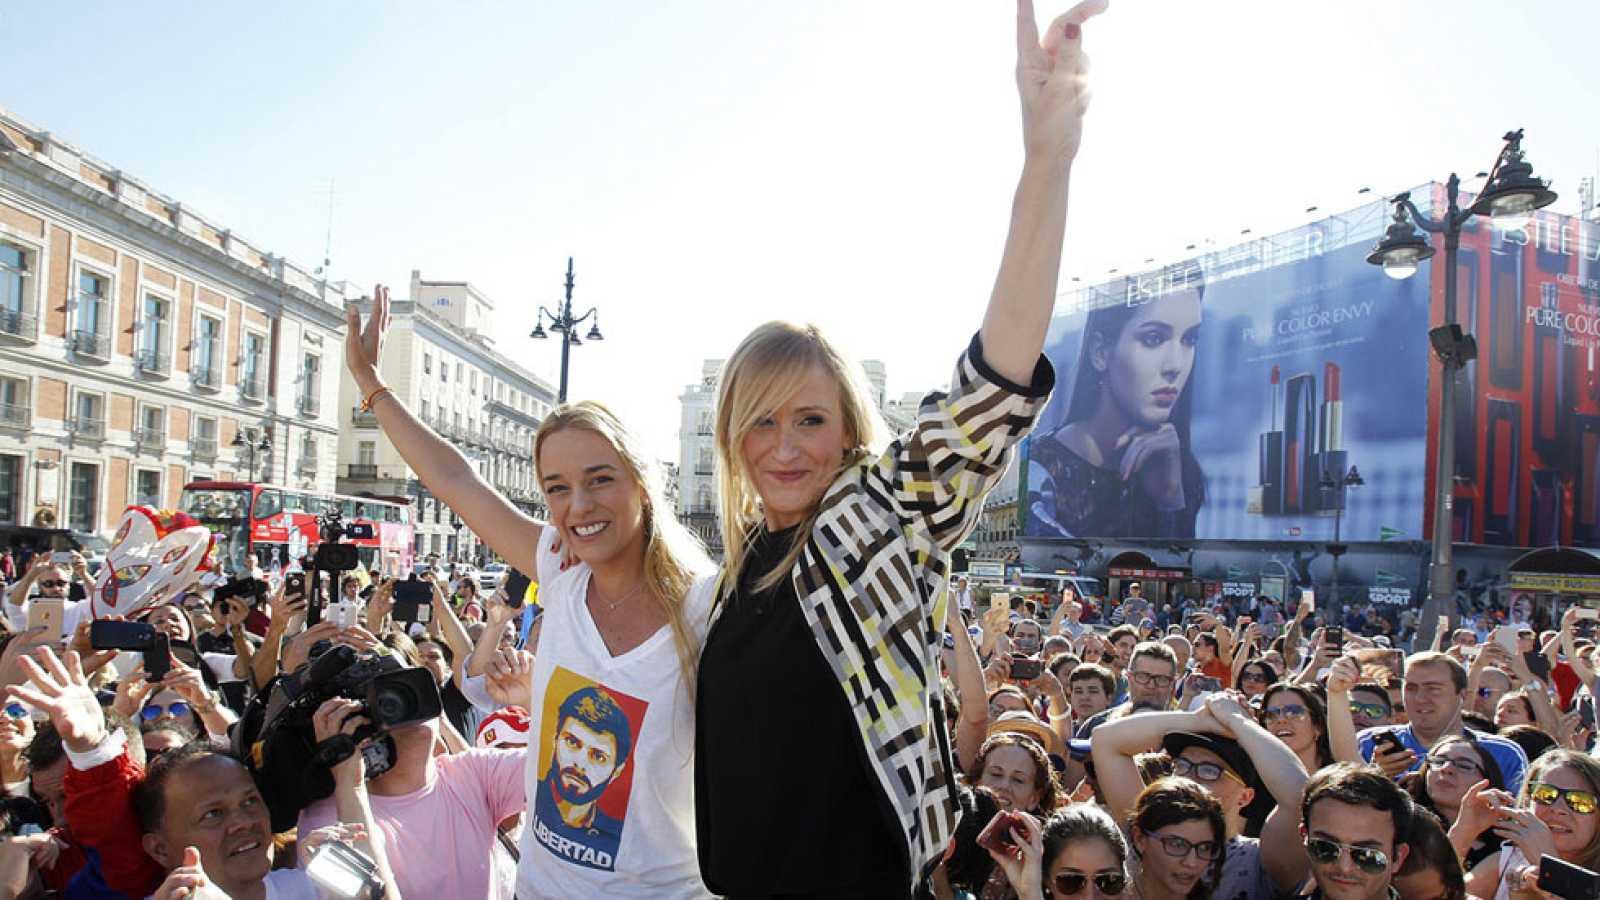 El PP y Ciudadanos arropan a Tintori en un acto solidario con Venezuela en Madrid a dos días de la campaña